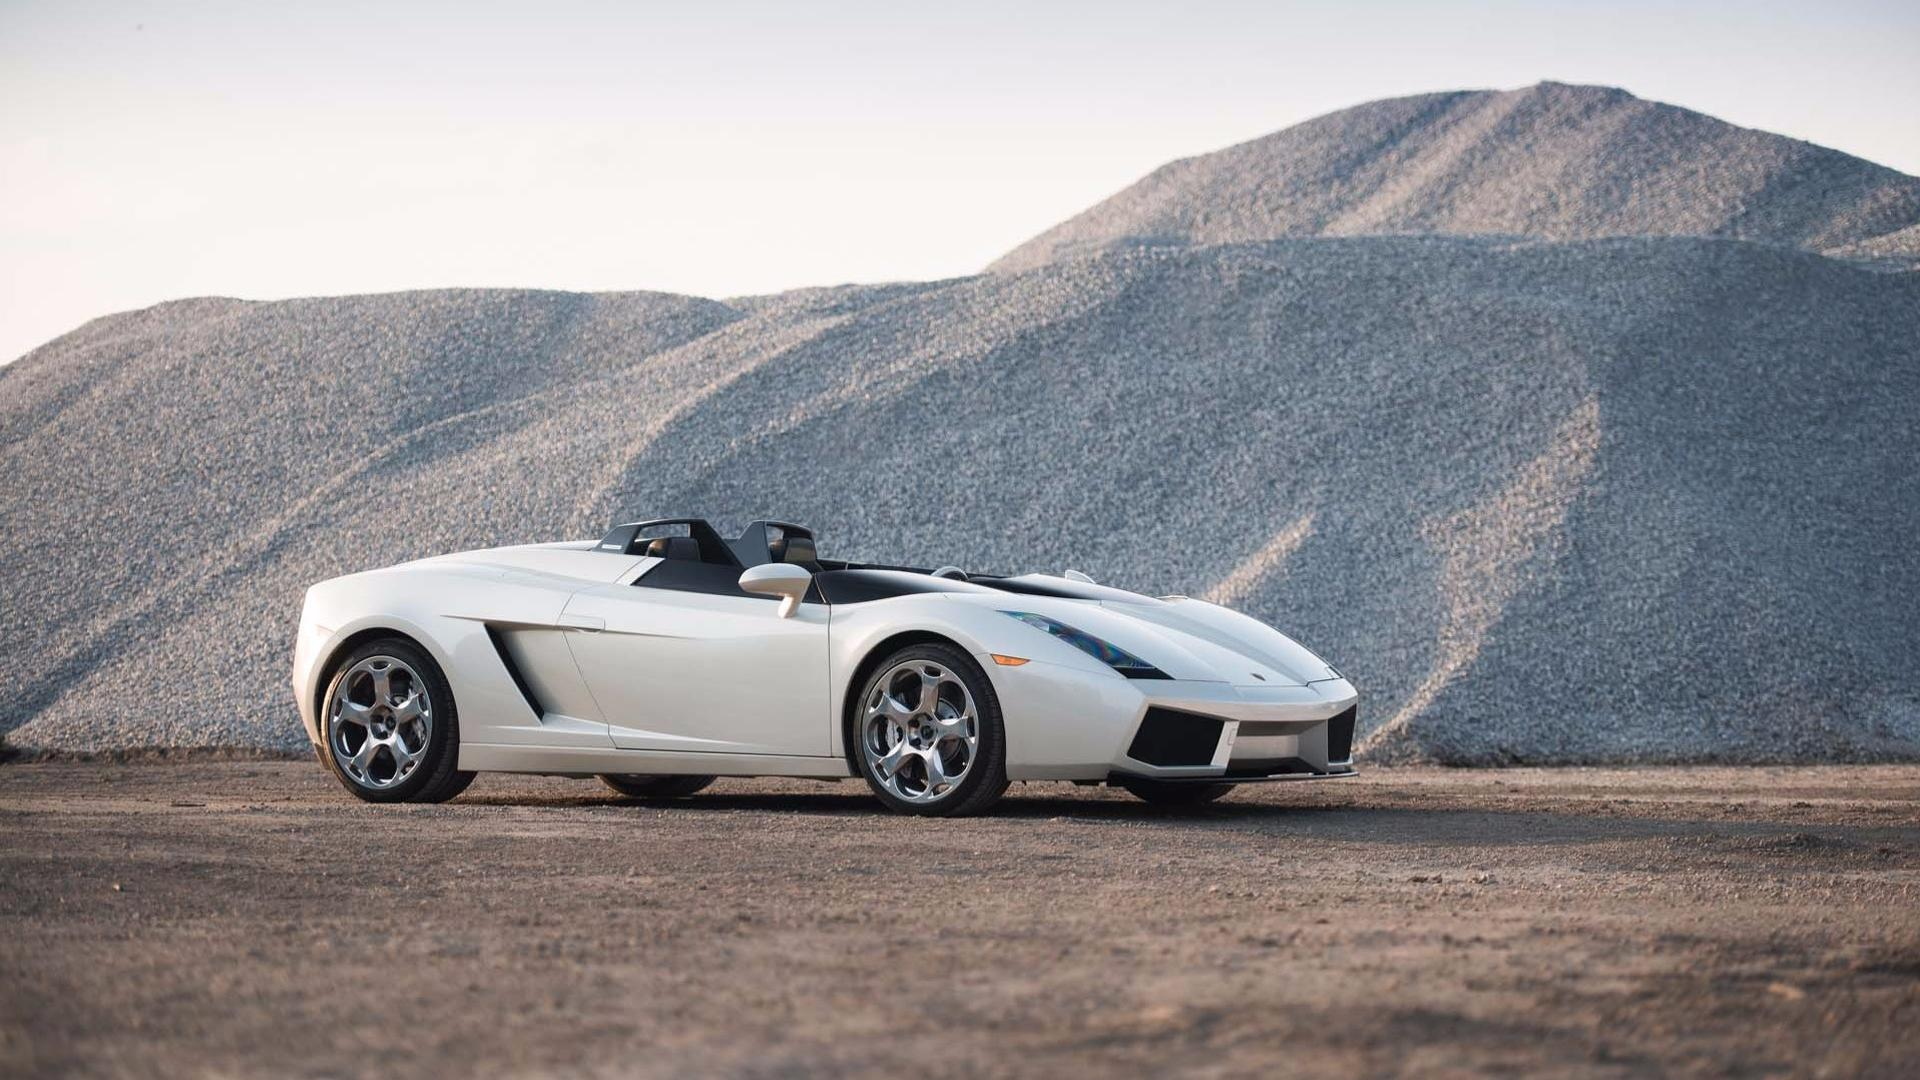 2006_Lamborghini_Concept_S_02